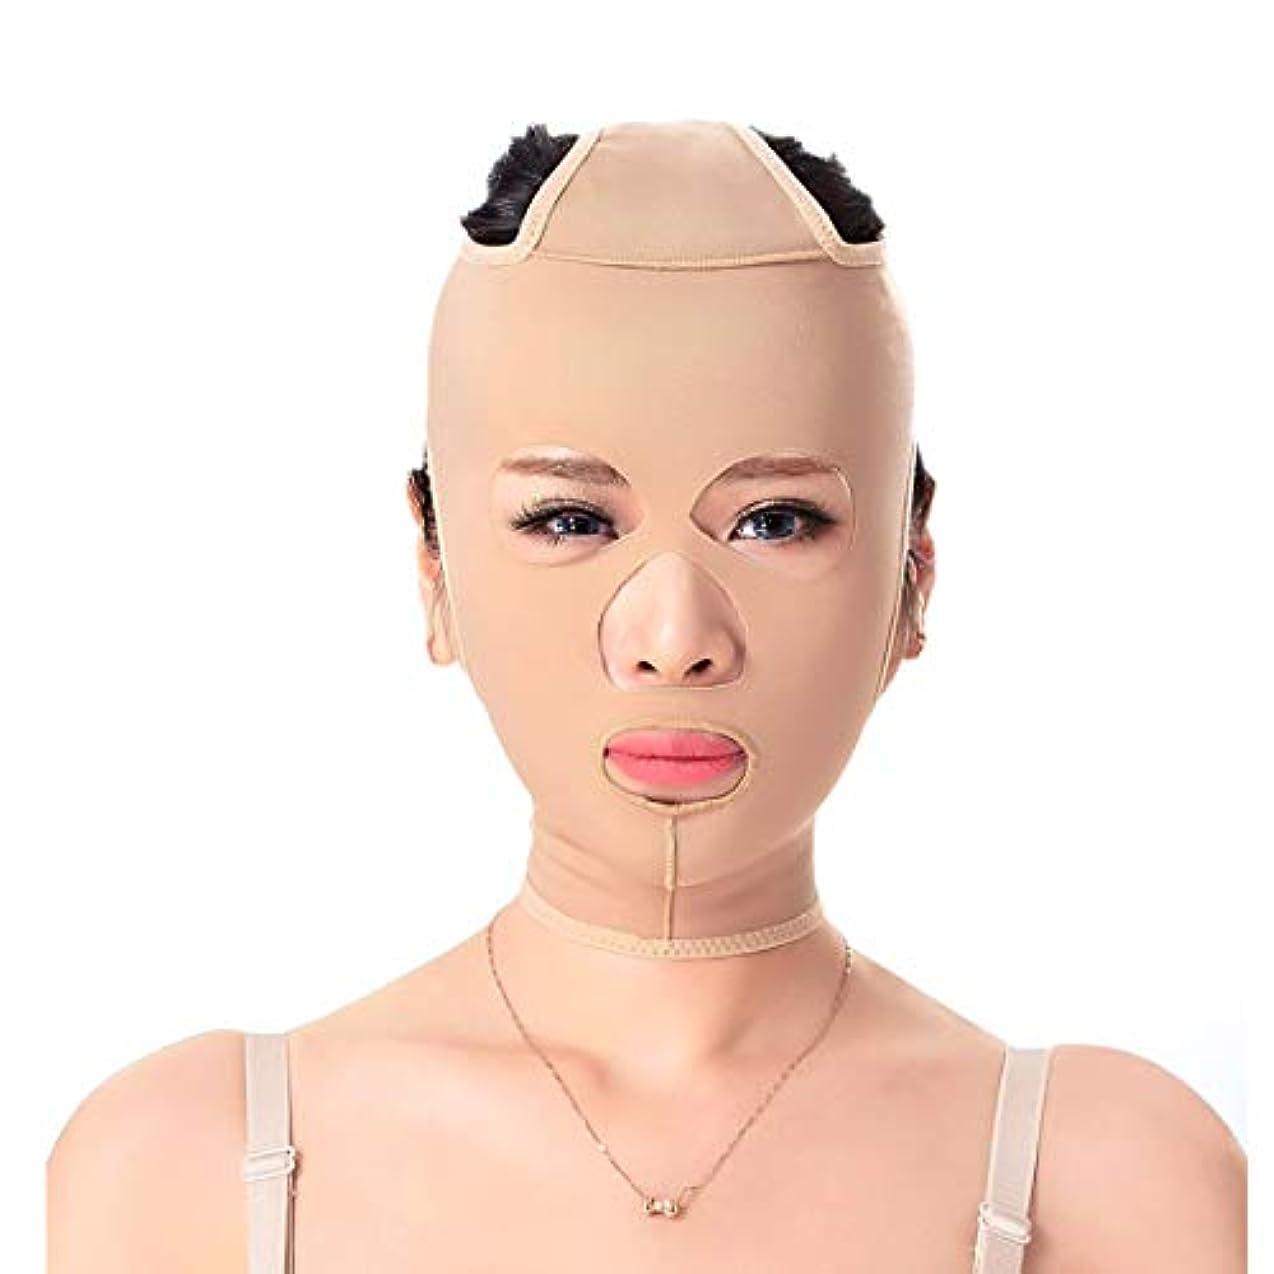 遮るお合意GLJJQMY 減量ベルトマスクフェイスマスクマスクパターン強化二重あご引き締め顔面顔面強力なフェイスリフティング包帯 顔用整形マスク (Size : XXL)